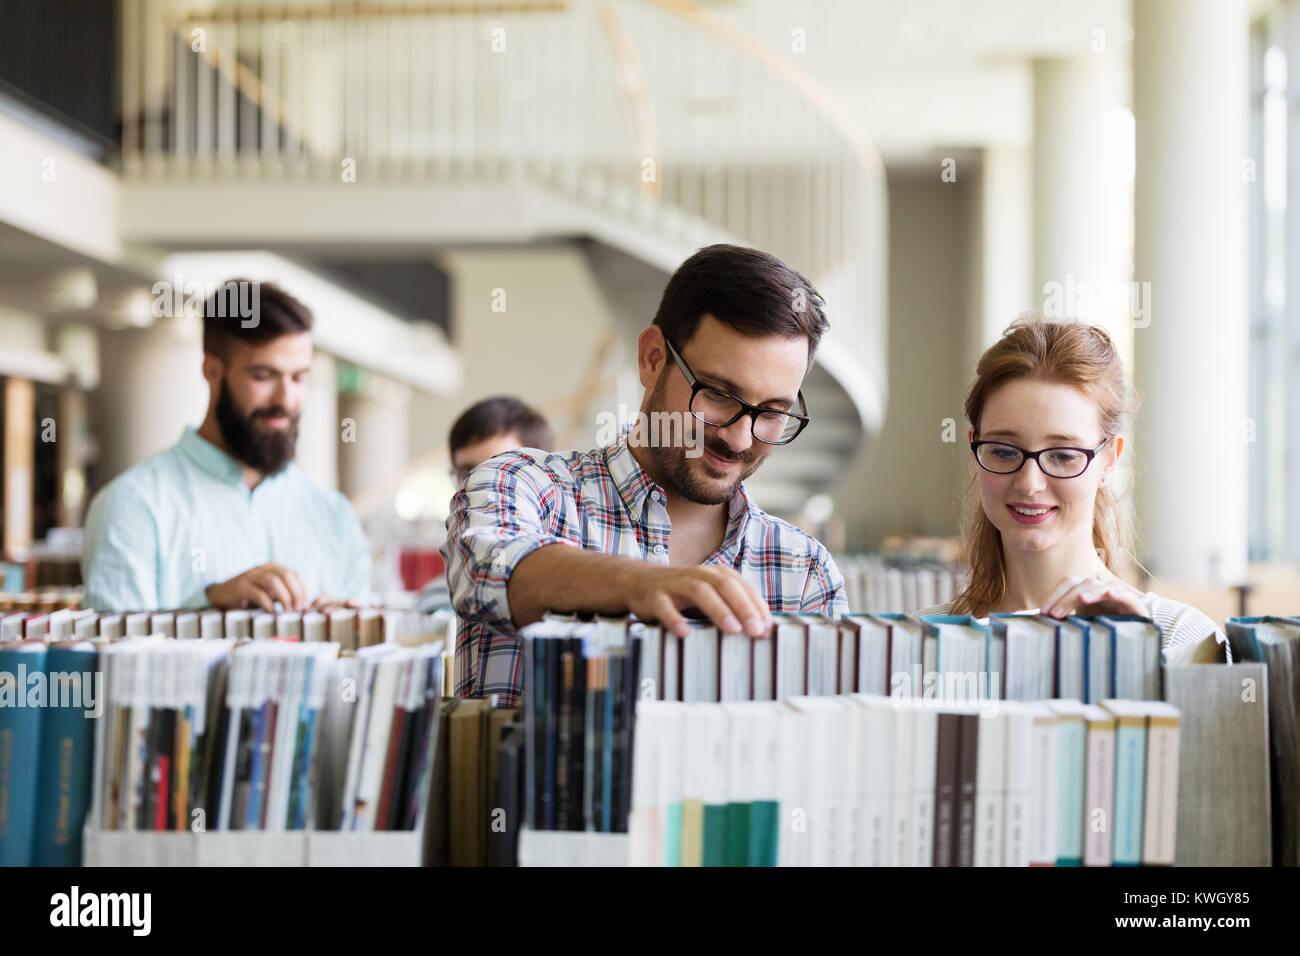 Contenti i giovani studenti universitari che studiano con libri in biblioteca Immagini Stock